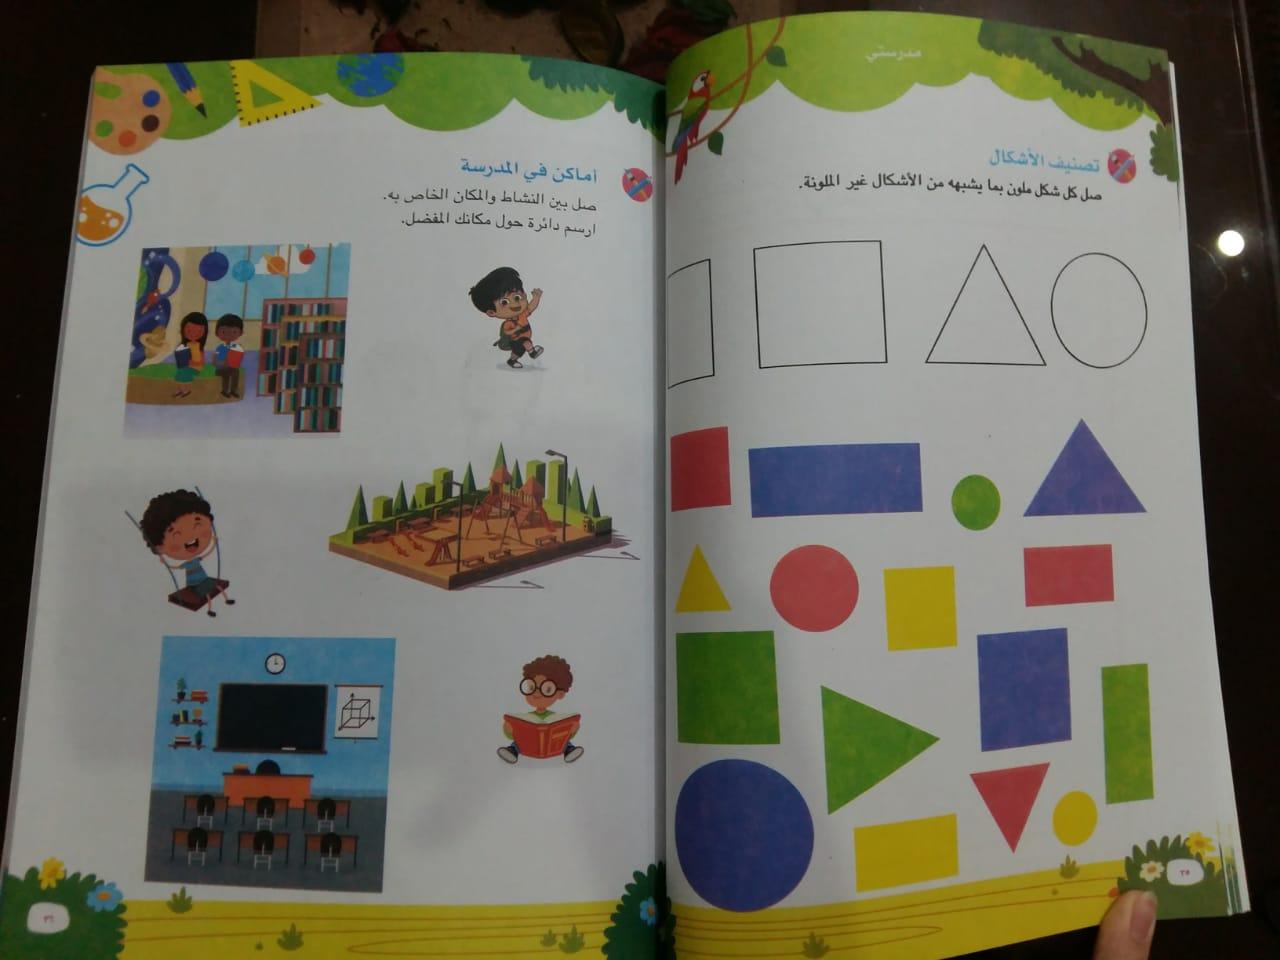 منهج رياض الأطفال الجديد (35)